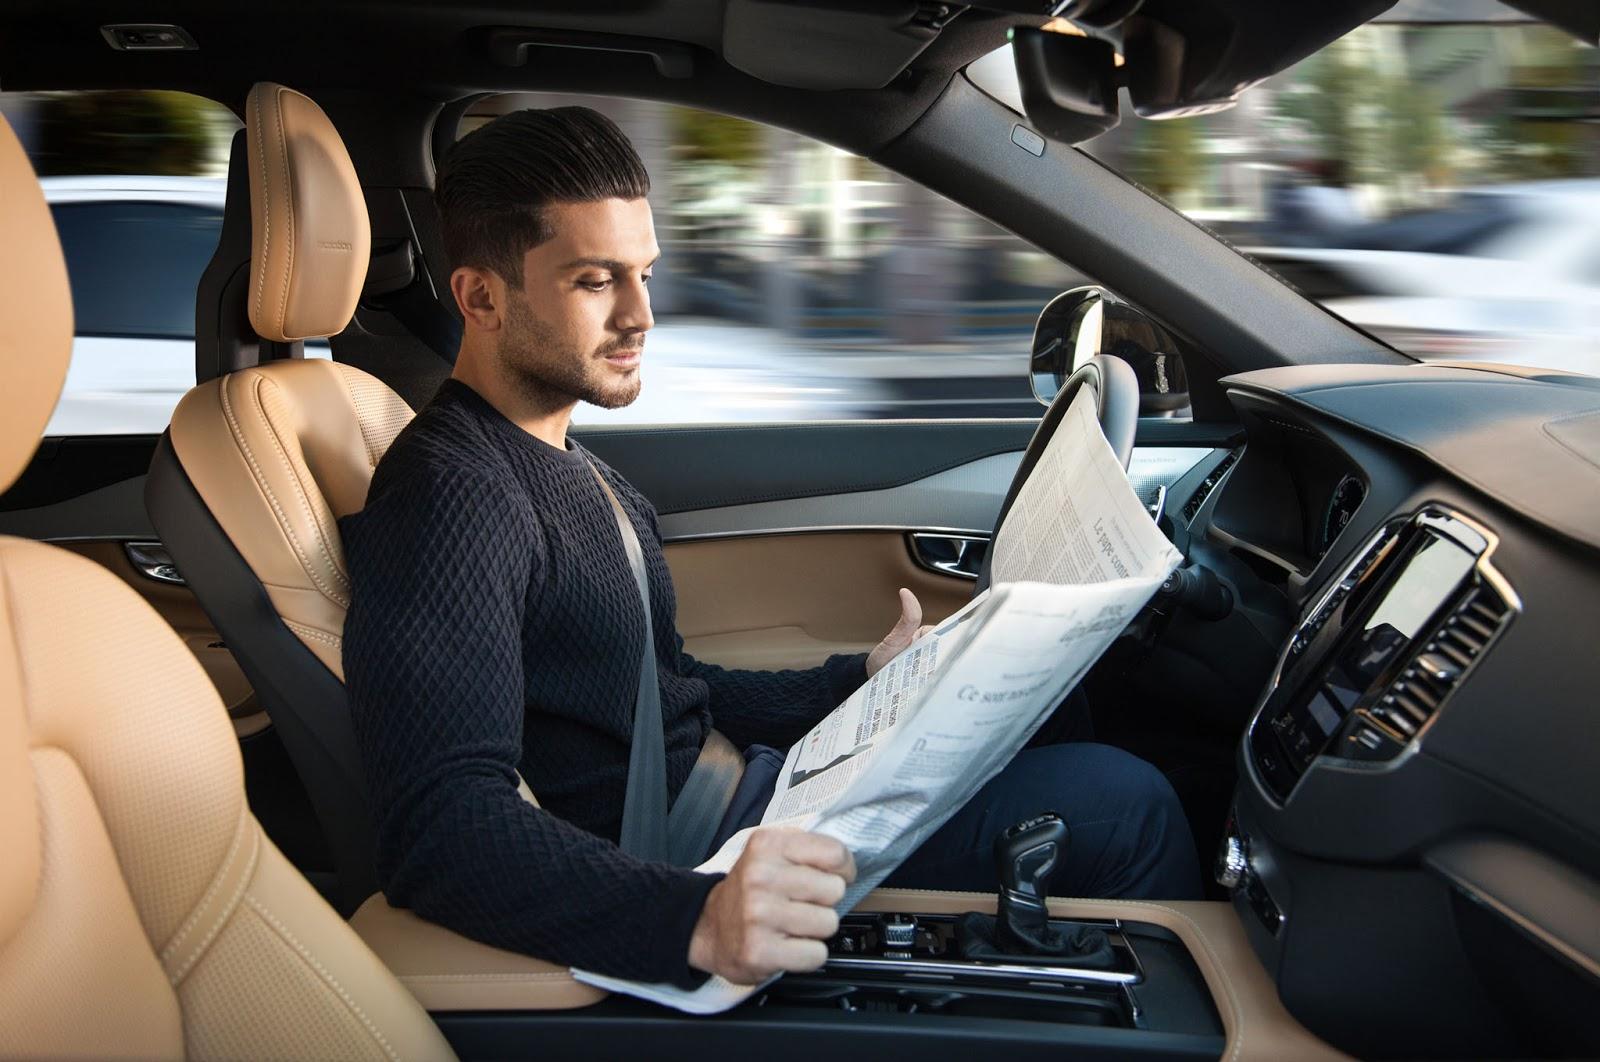 Việc nằm ngủ, đọc báo, ăn sáng...chờ xe chở đến công ty làm việc không còn xa vời